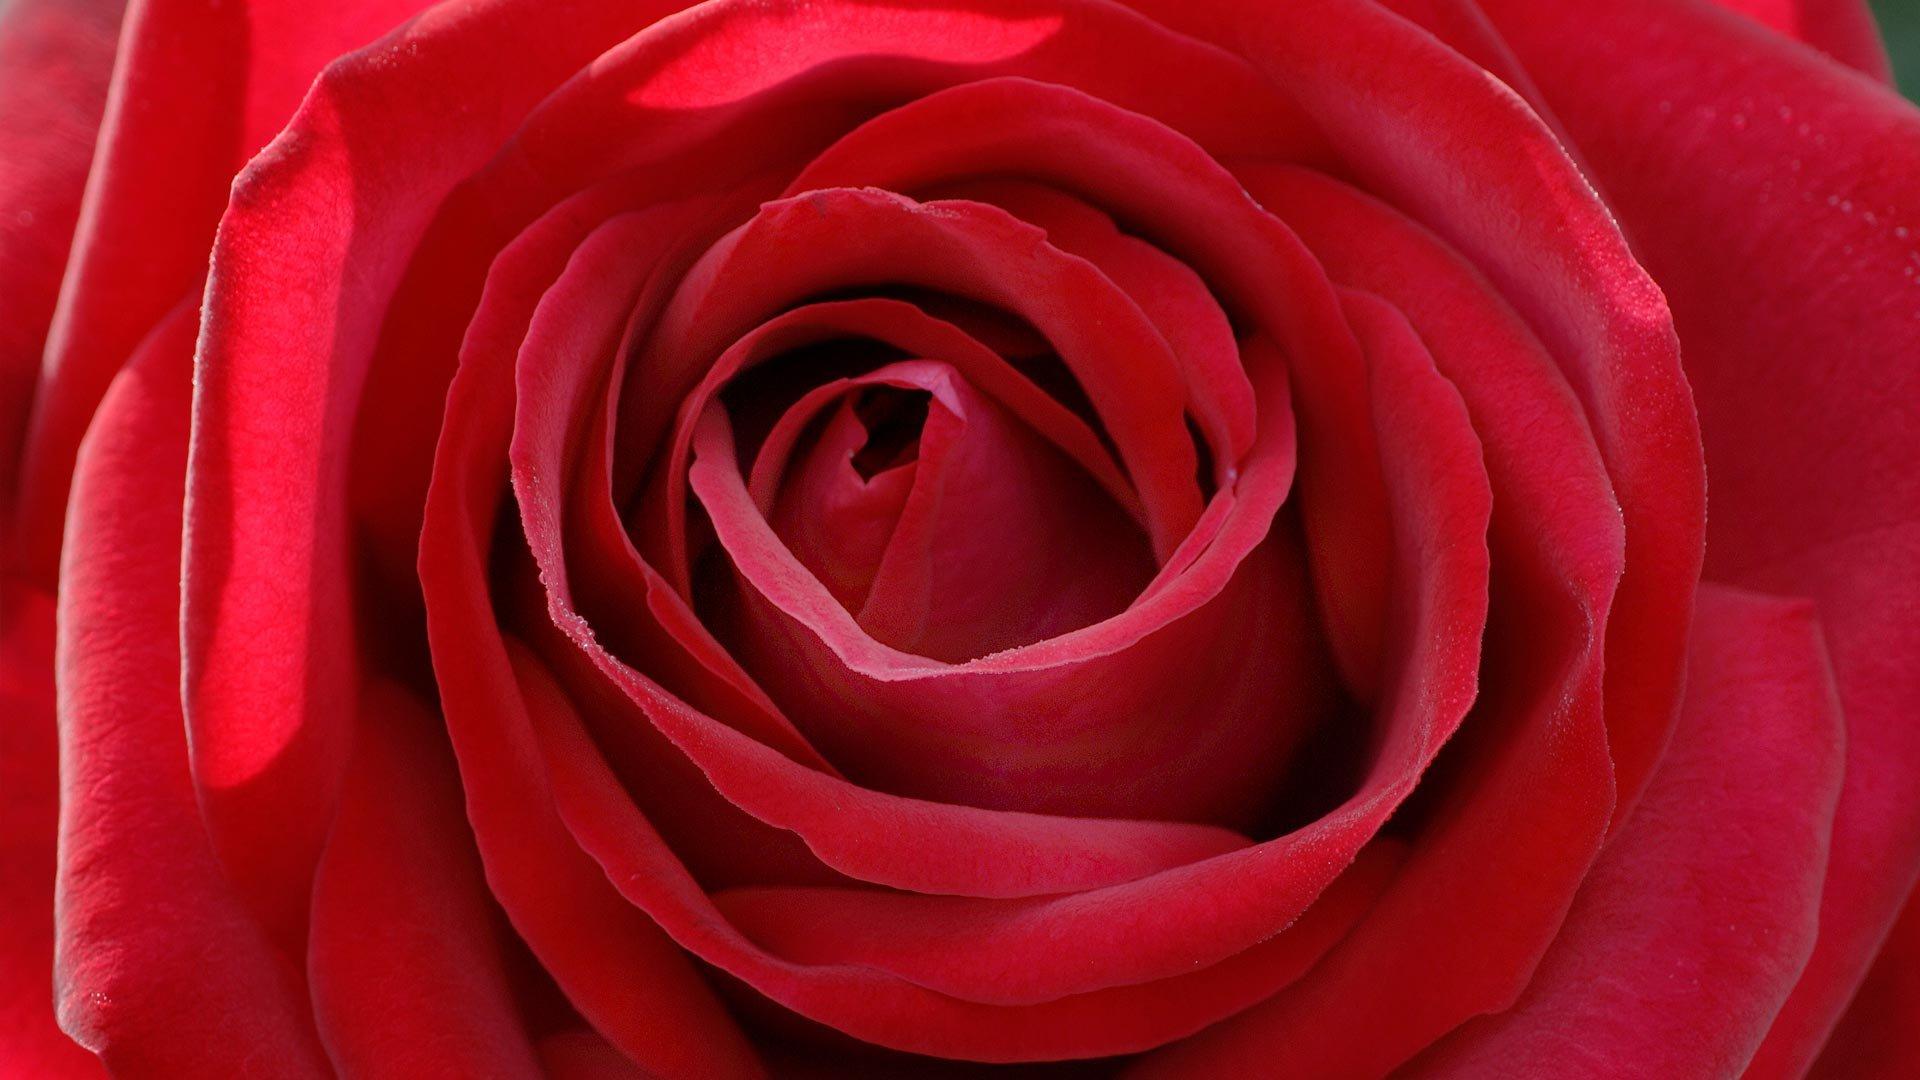 玫瑰壁纸桌面_高清玫瑰花桌面壁纸